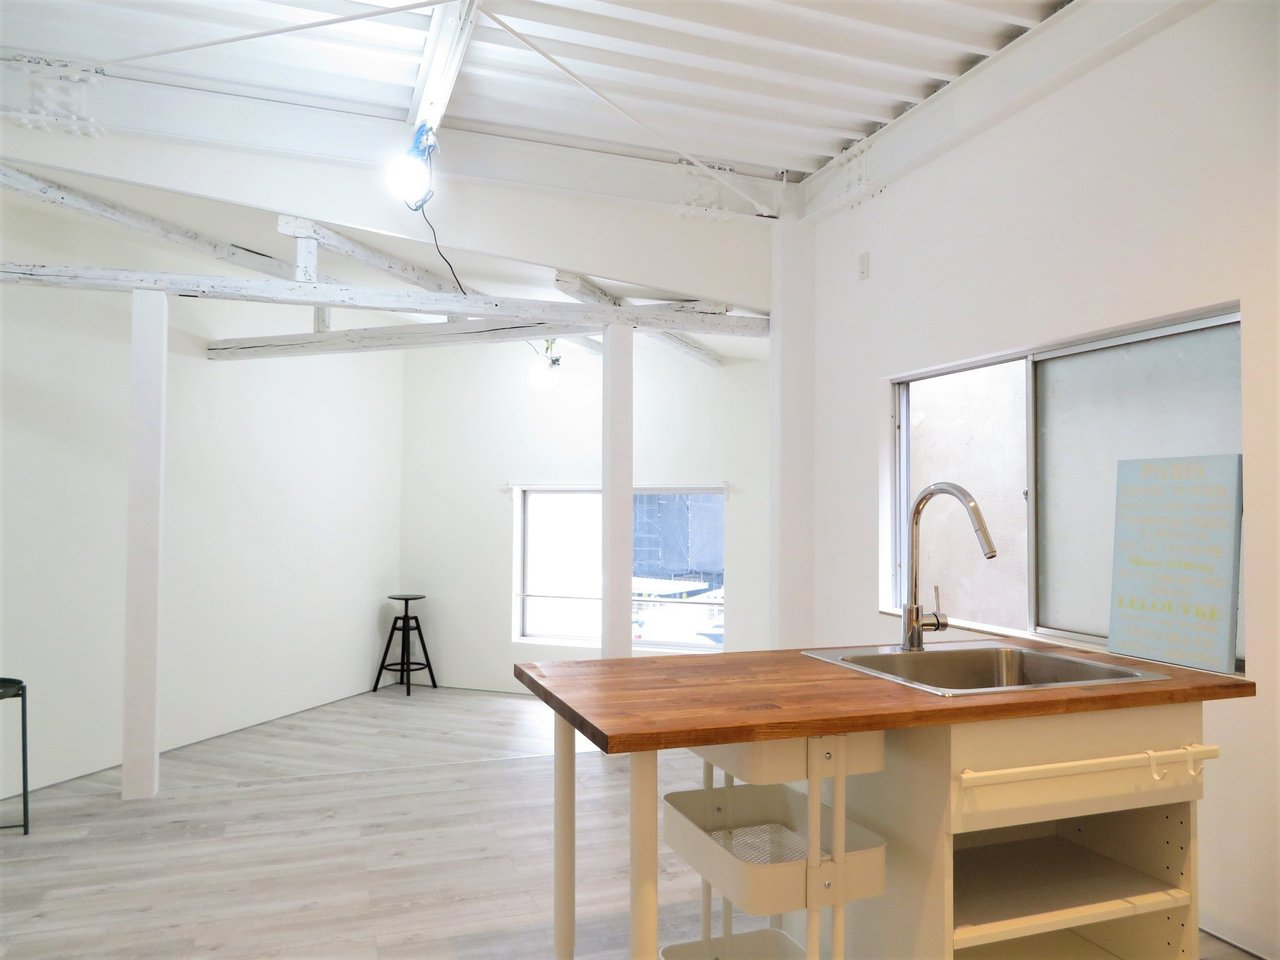 キッチン側から見ると、こんな景色。17畳のリビングダイニングは広々としています。天井のむきだしの鉄骨には、かっこよさすら感じます。